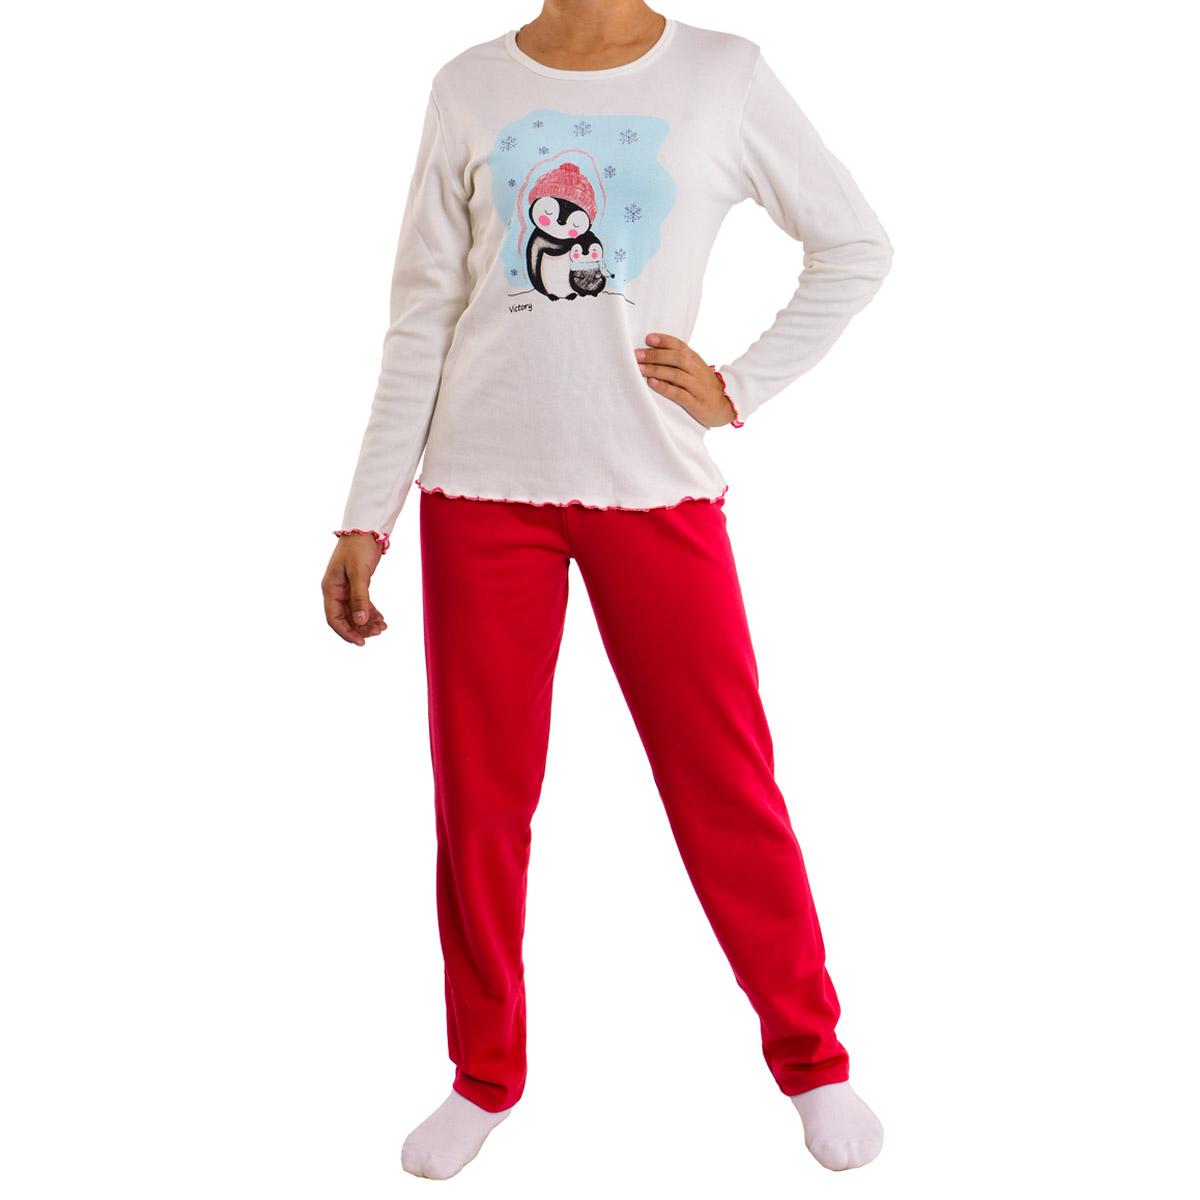 Pijama juvenil para menina de inverno peluciado DENGOSO Victory